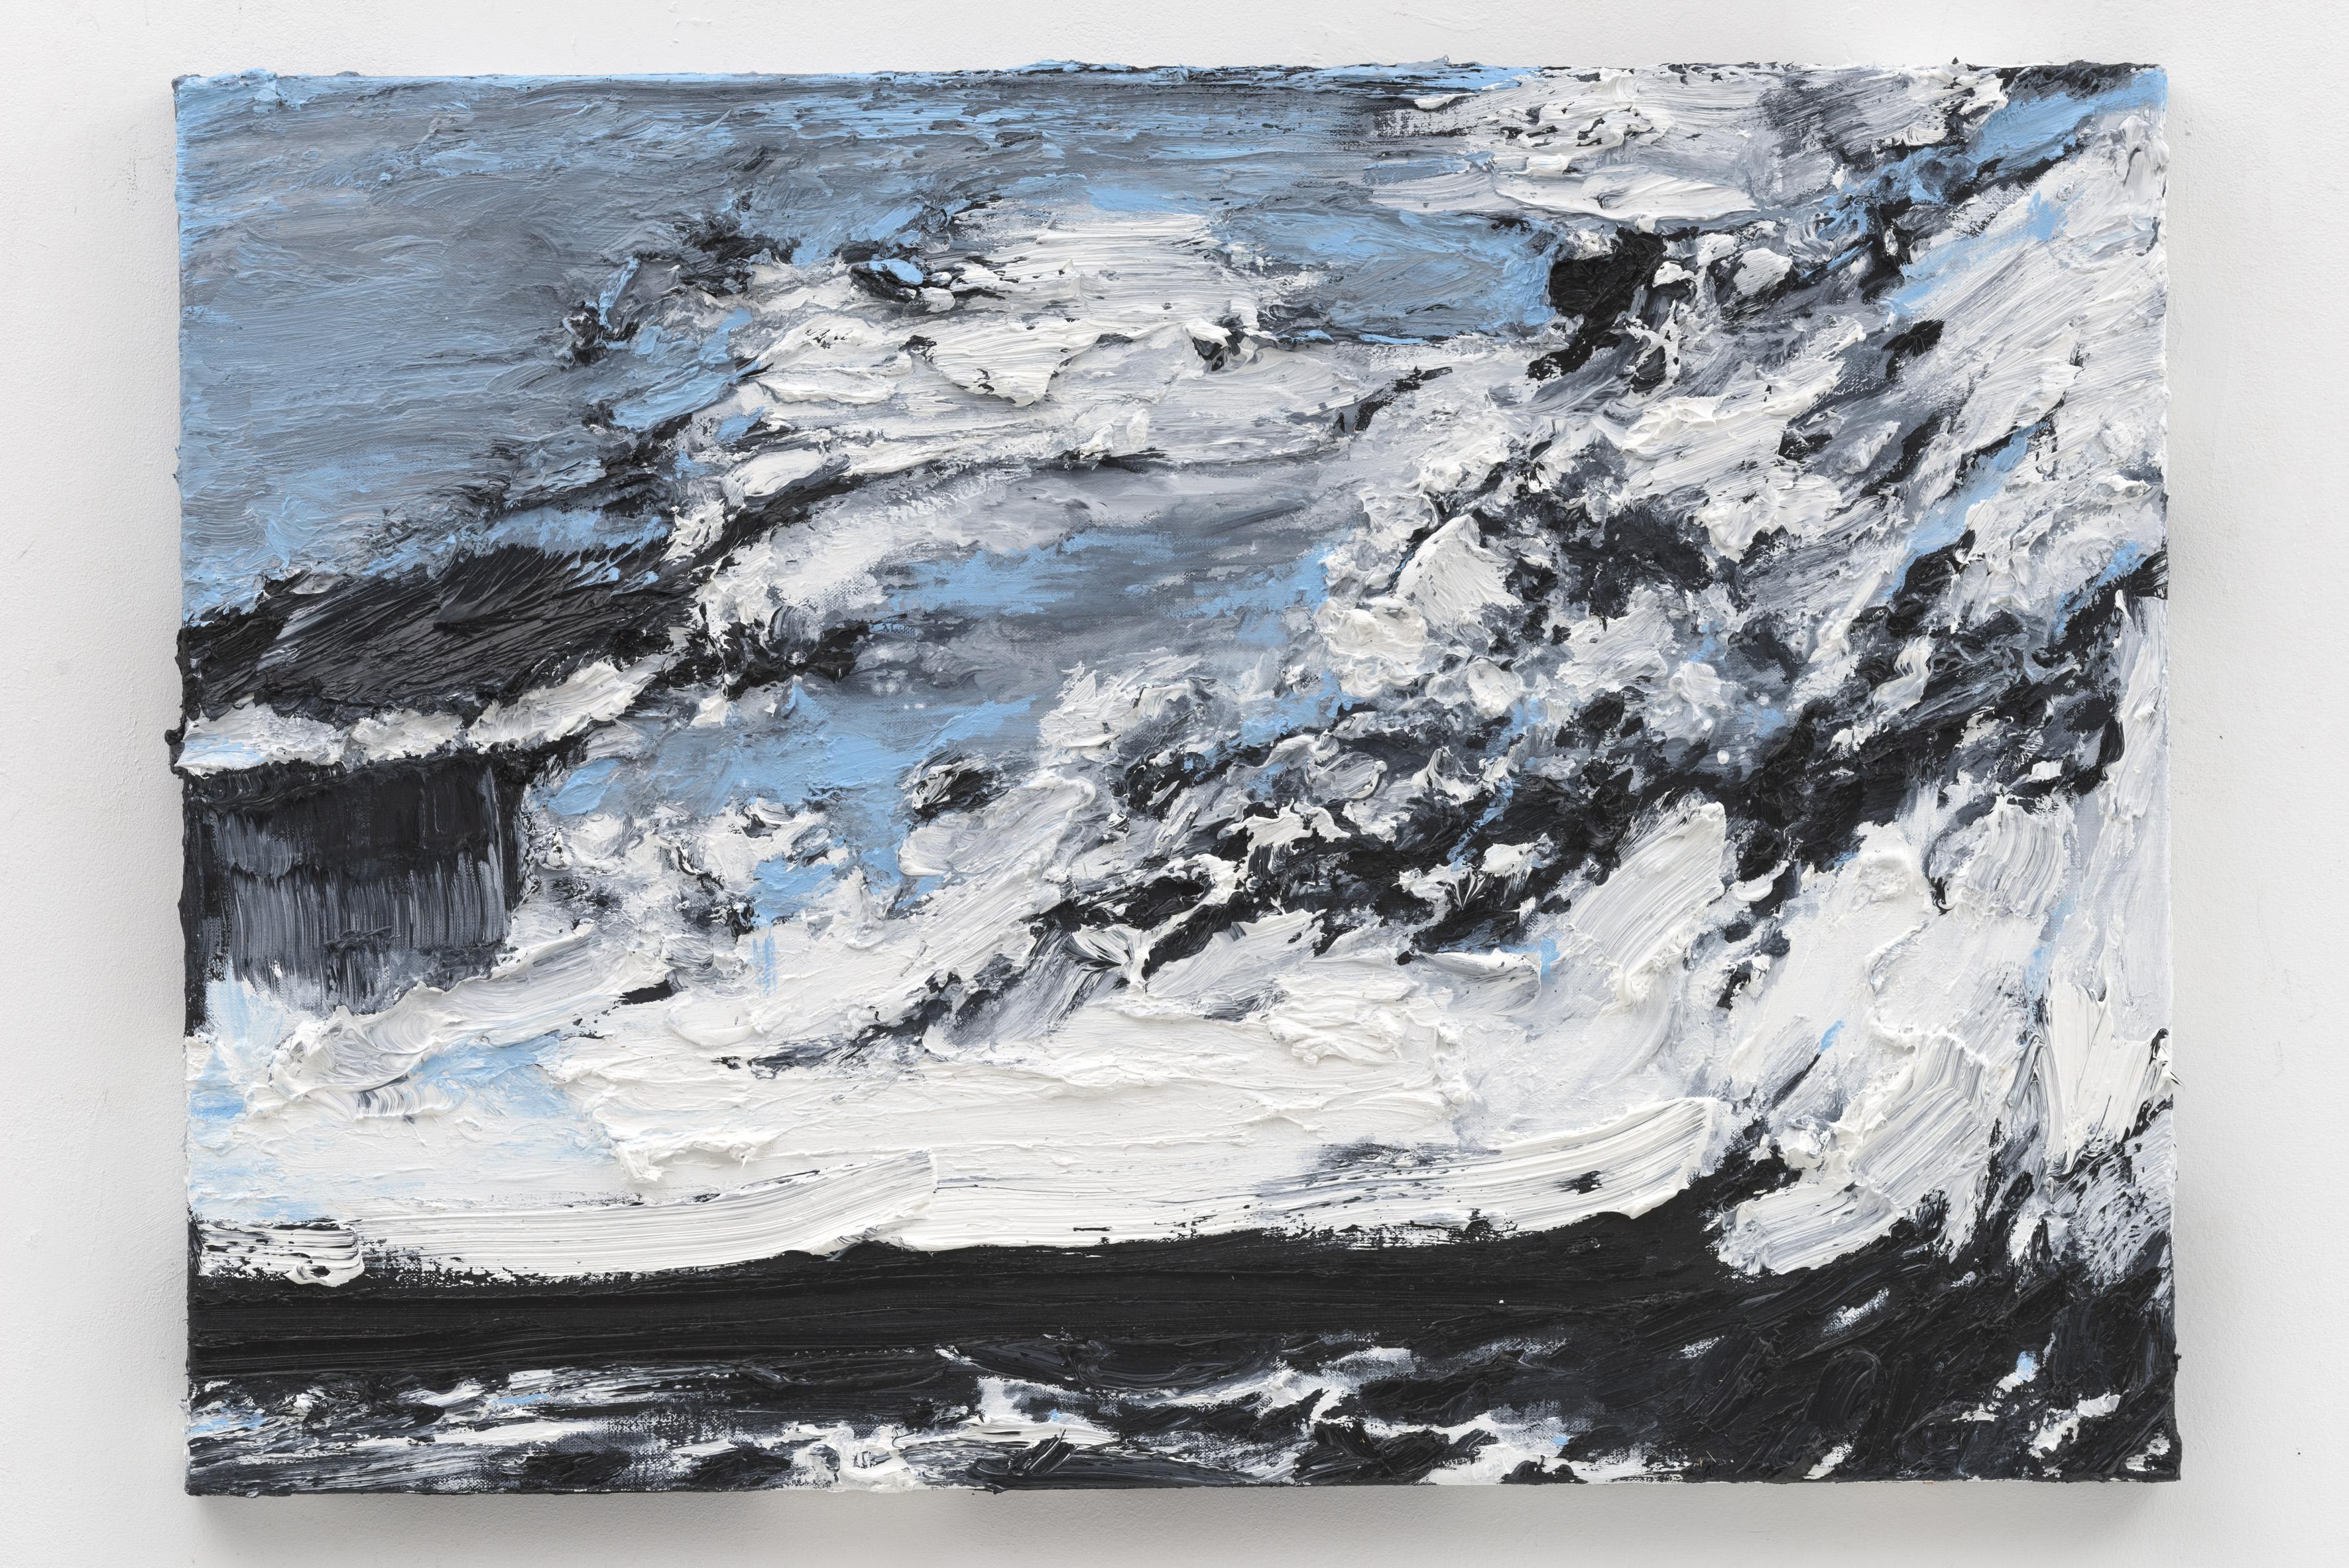 """""""Tempestade"""", 50 x 70 cm., oil on linen 2017 (Portugal)"""